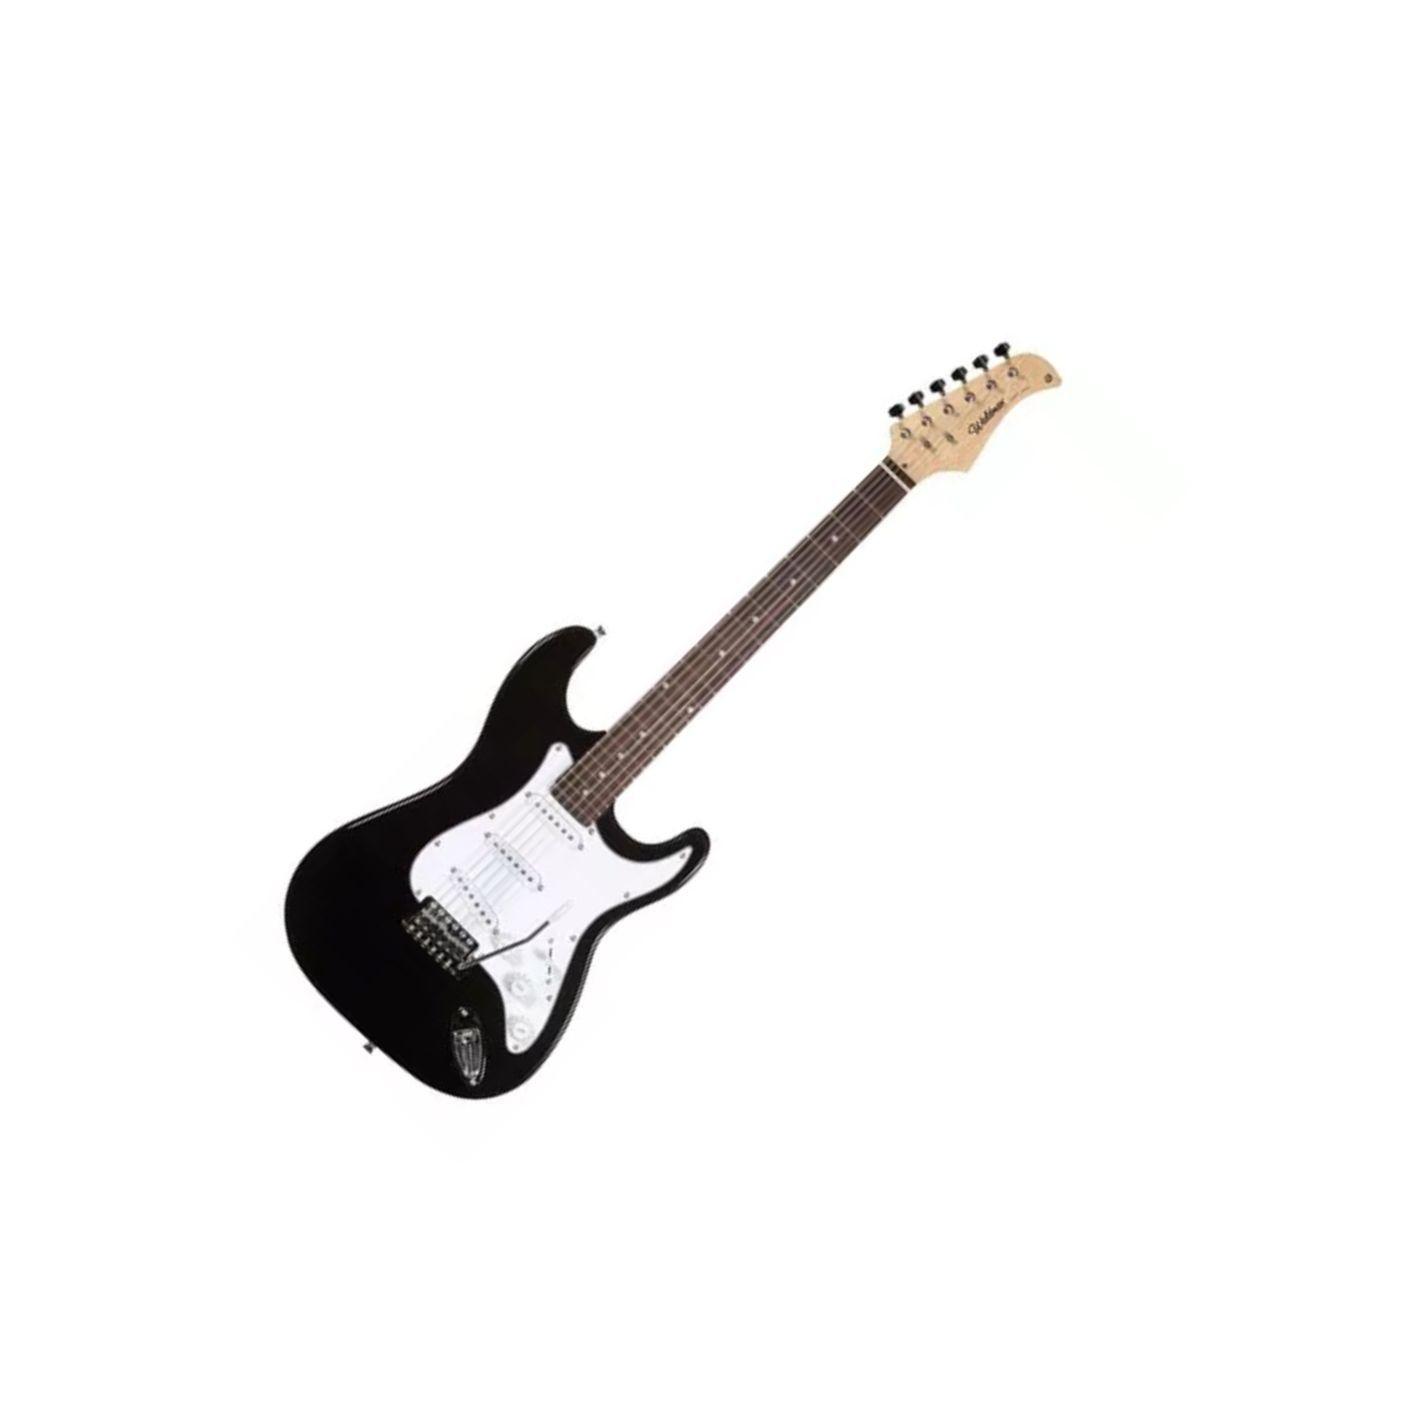 Guitarra Waldman  St111bk 3s Strato C/ Escudo Branco